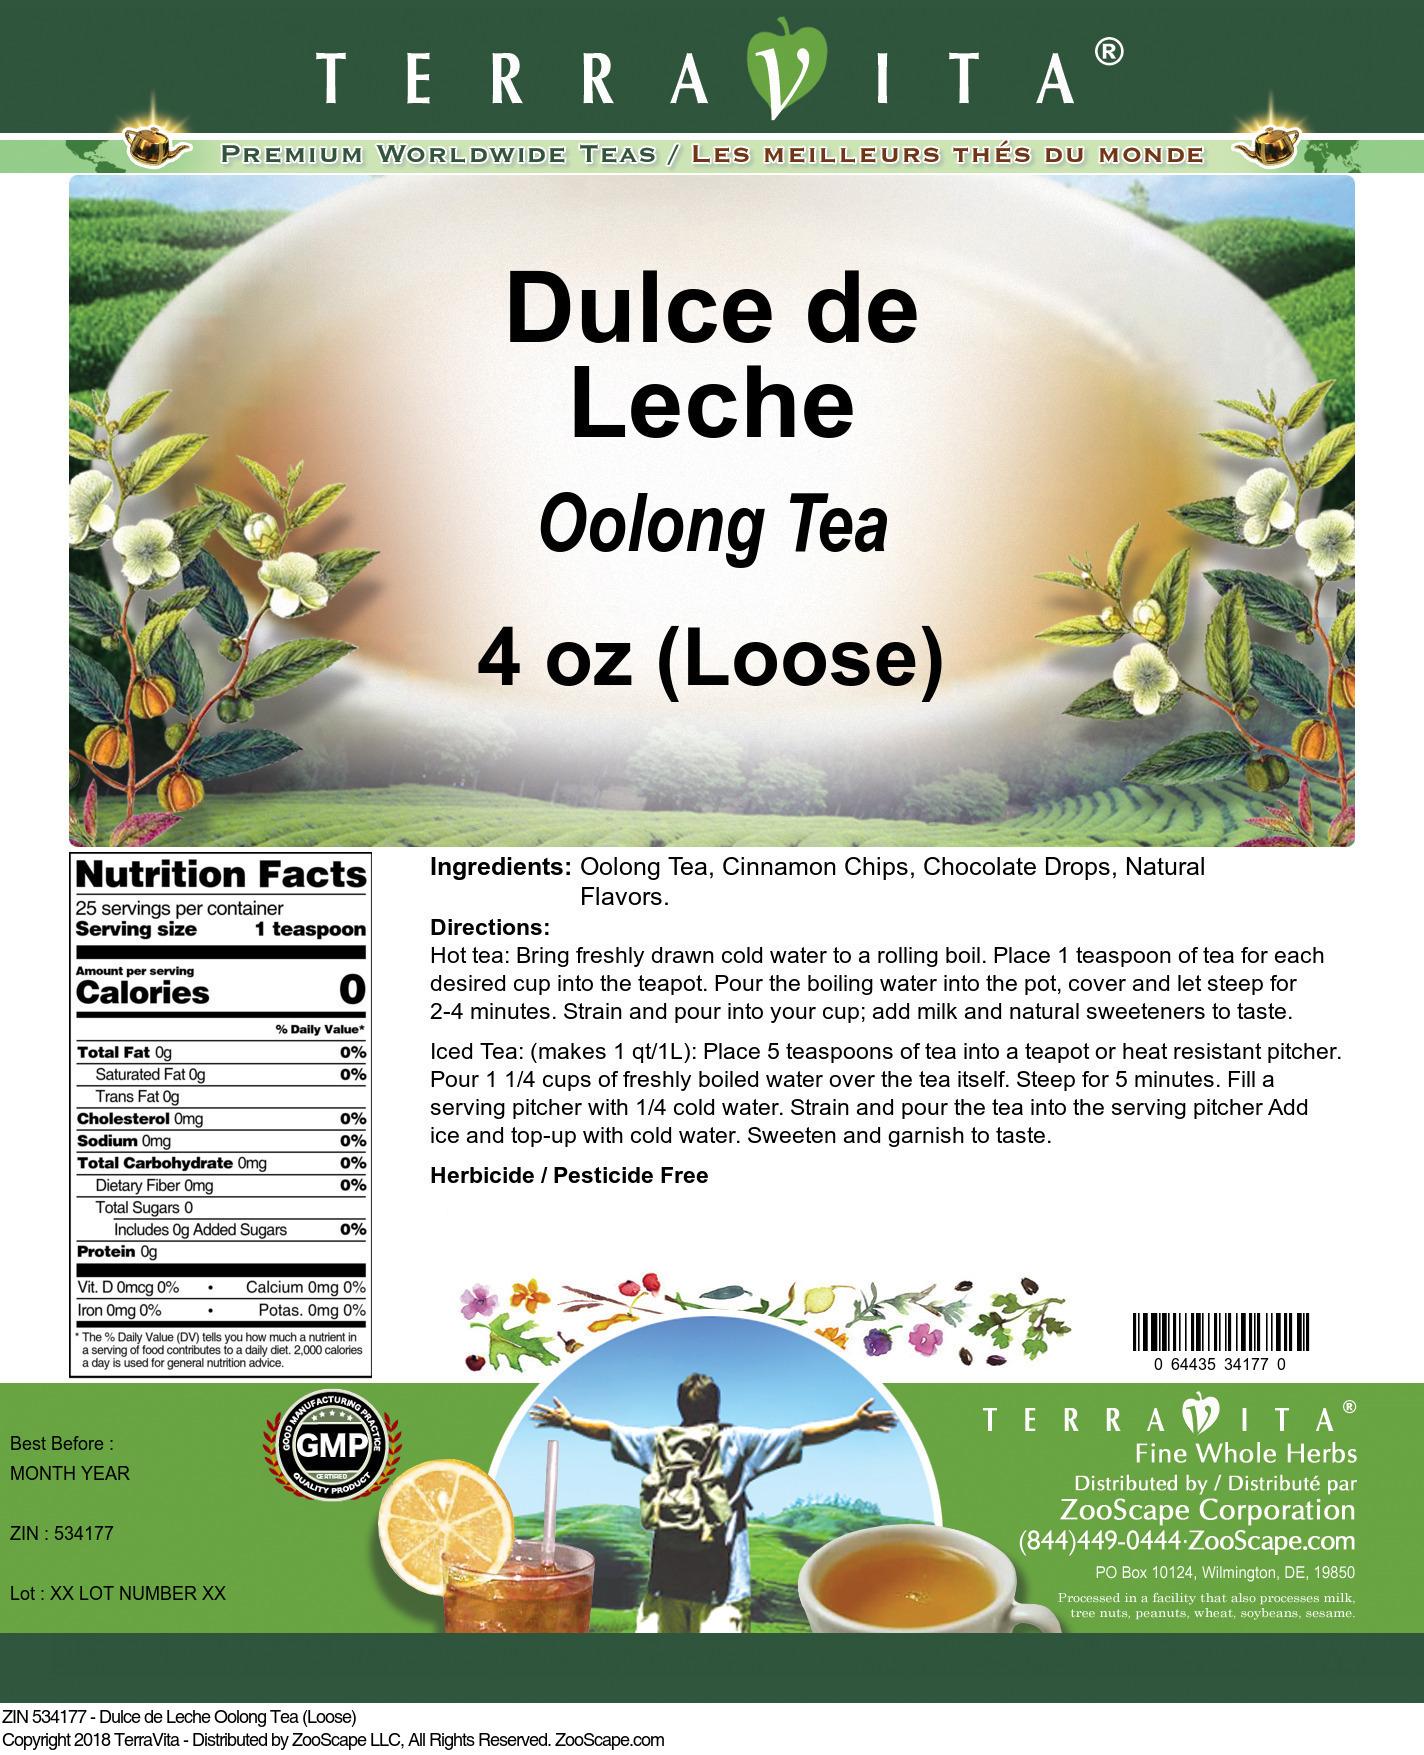 Dulce de Leche Oolong Tea